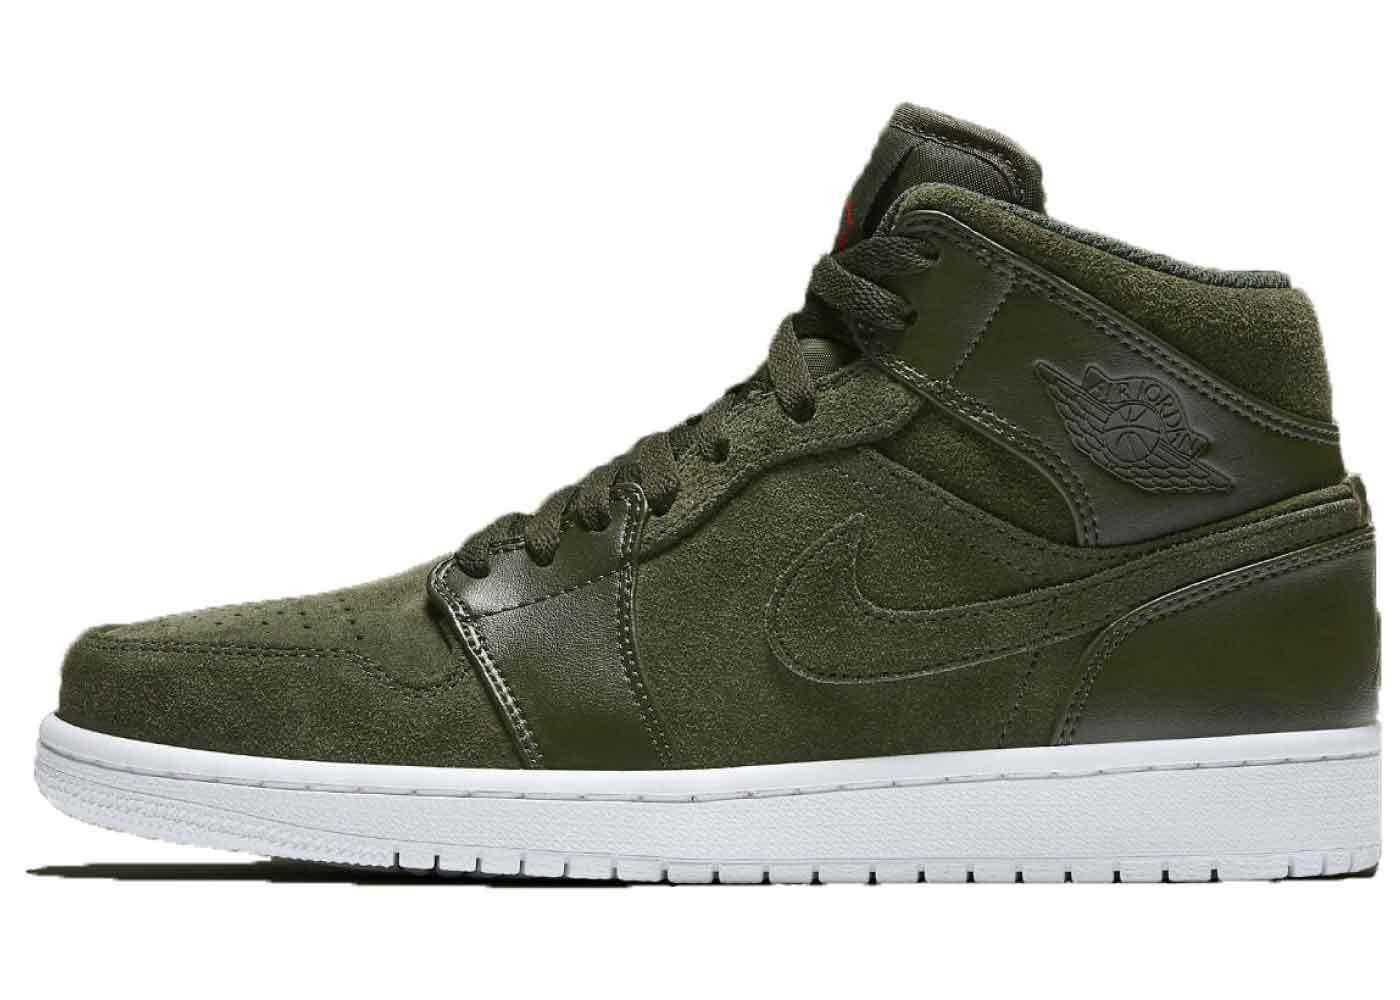 Nike Air Jordan 1 Retro Mid Sequoiaの写真